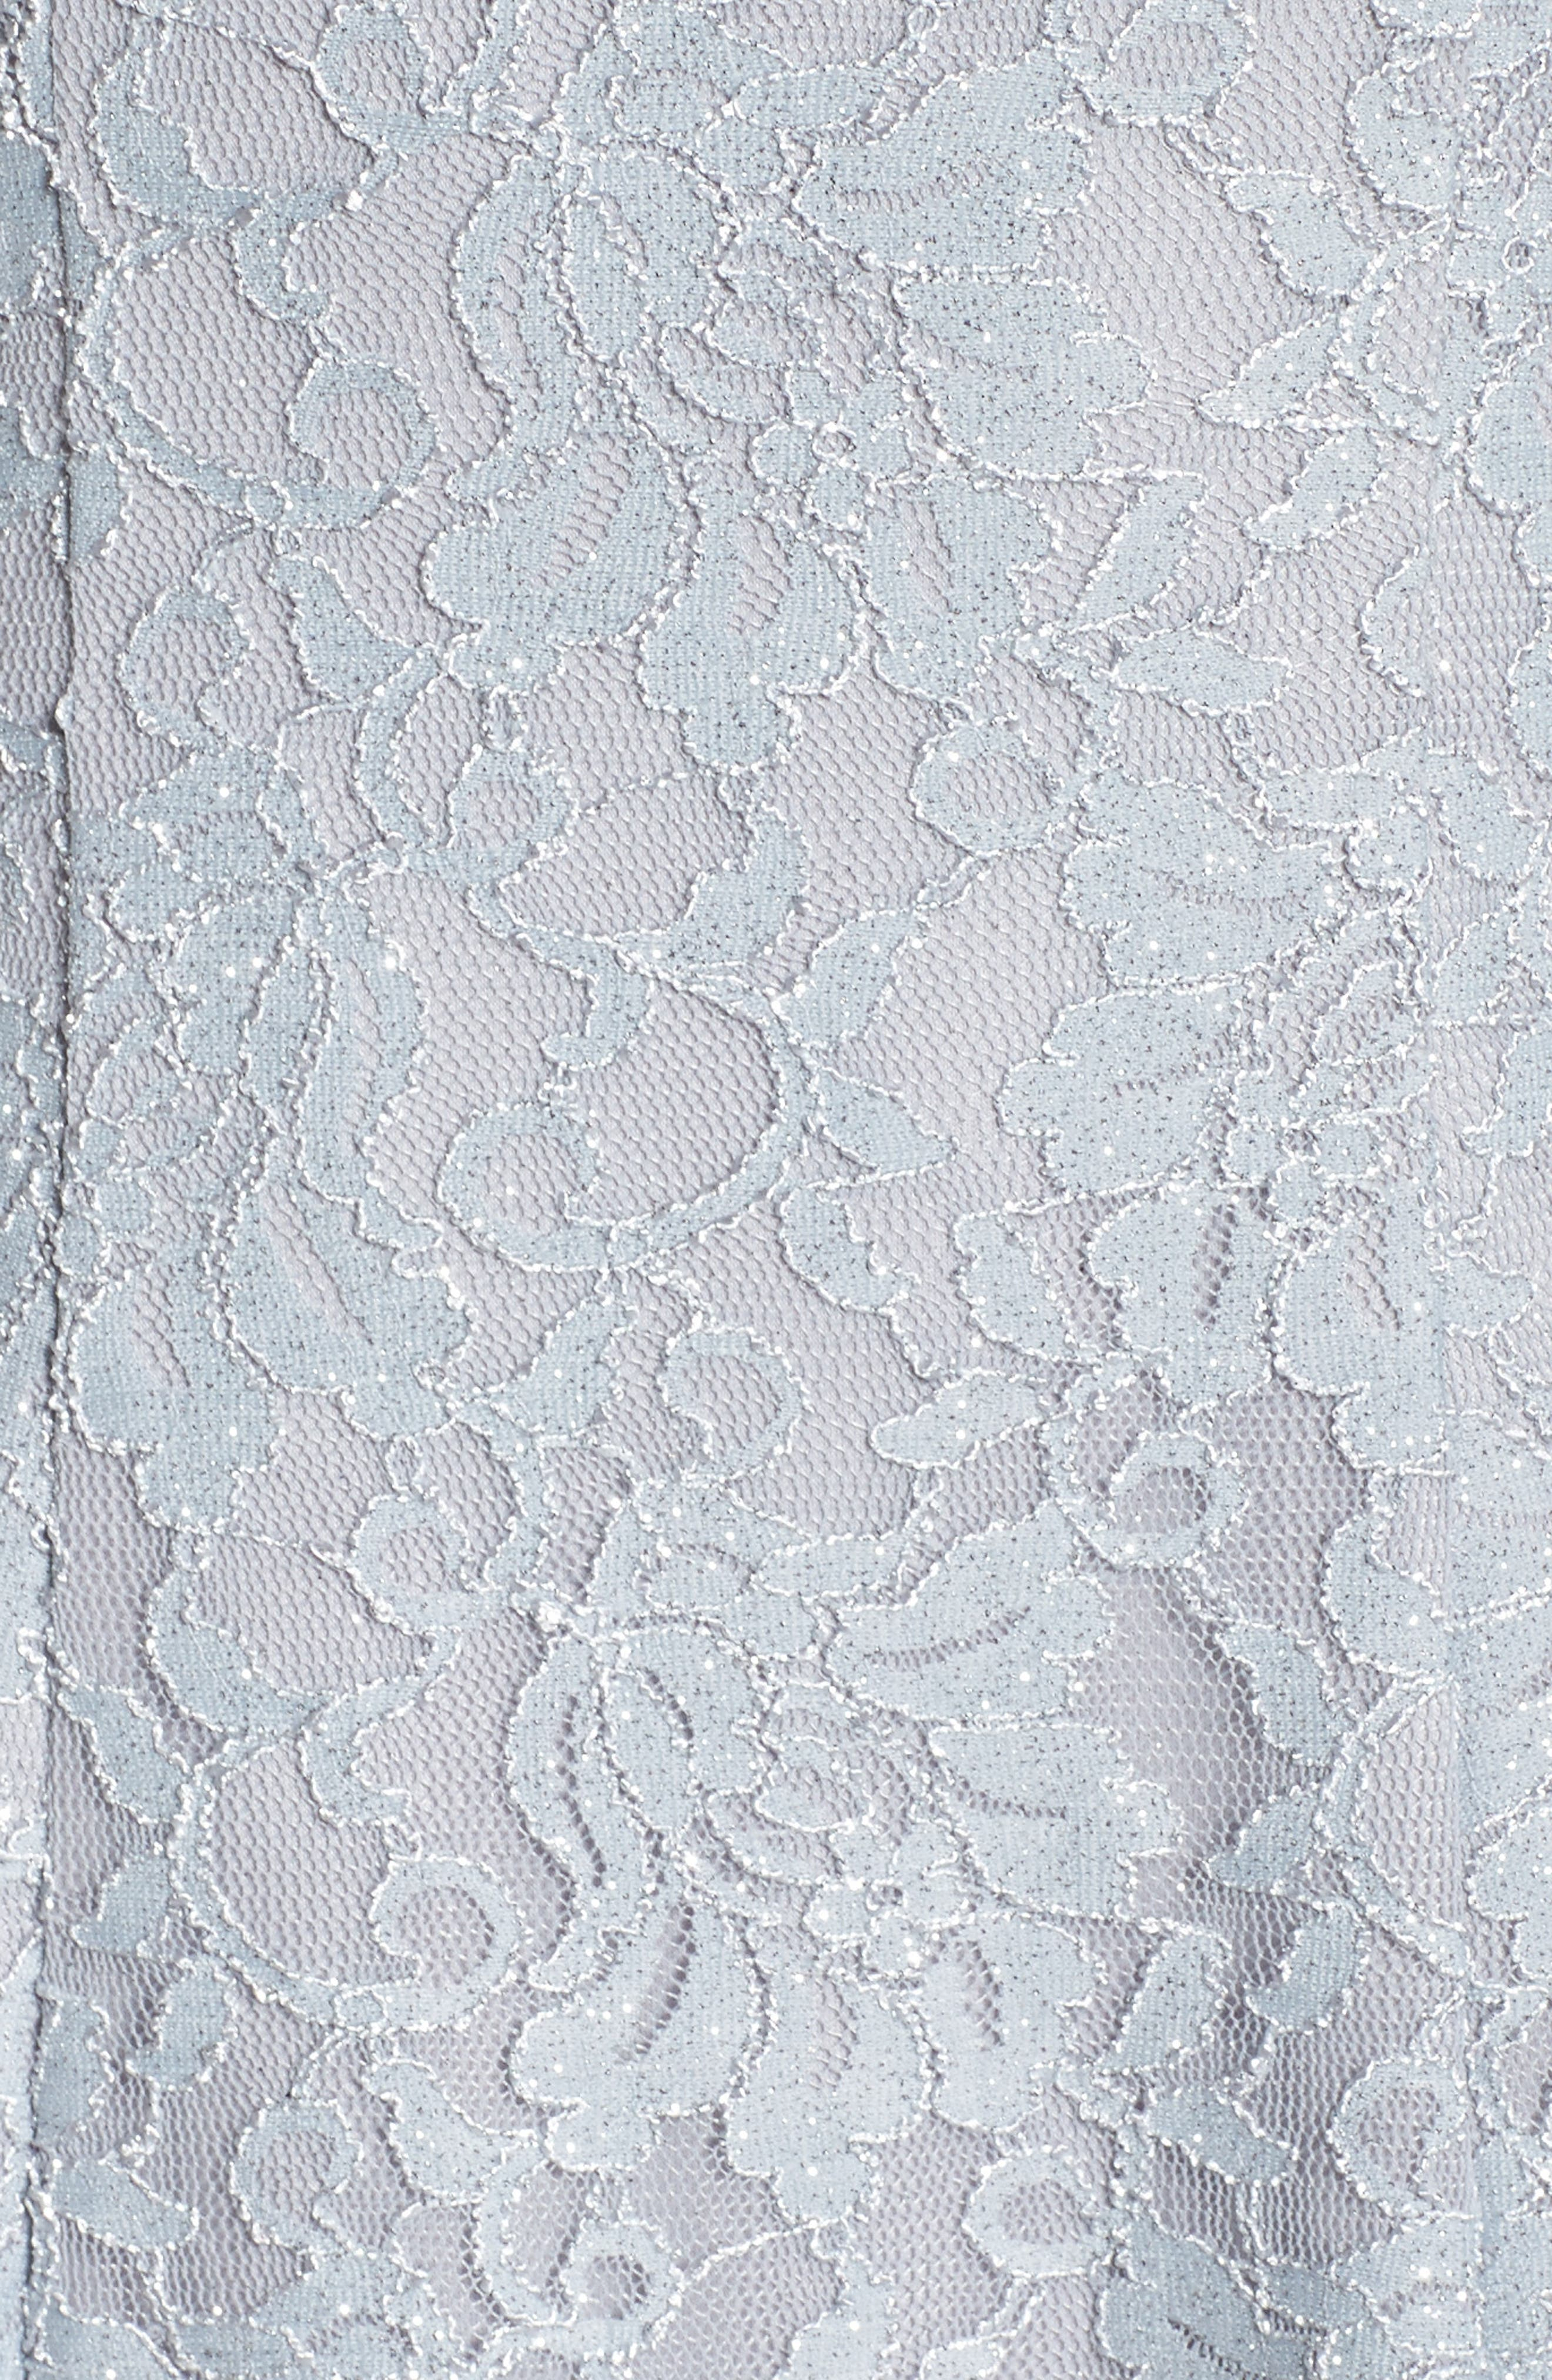 Lace Halter Neck Dress,                             Alternate thumbnail 5, color,                             Platinum